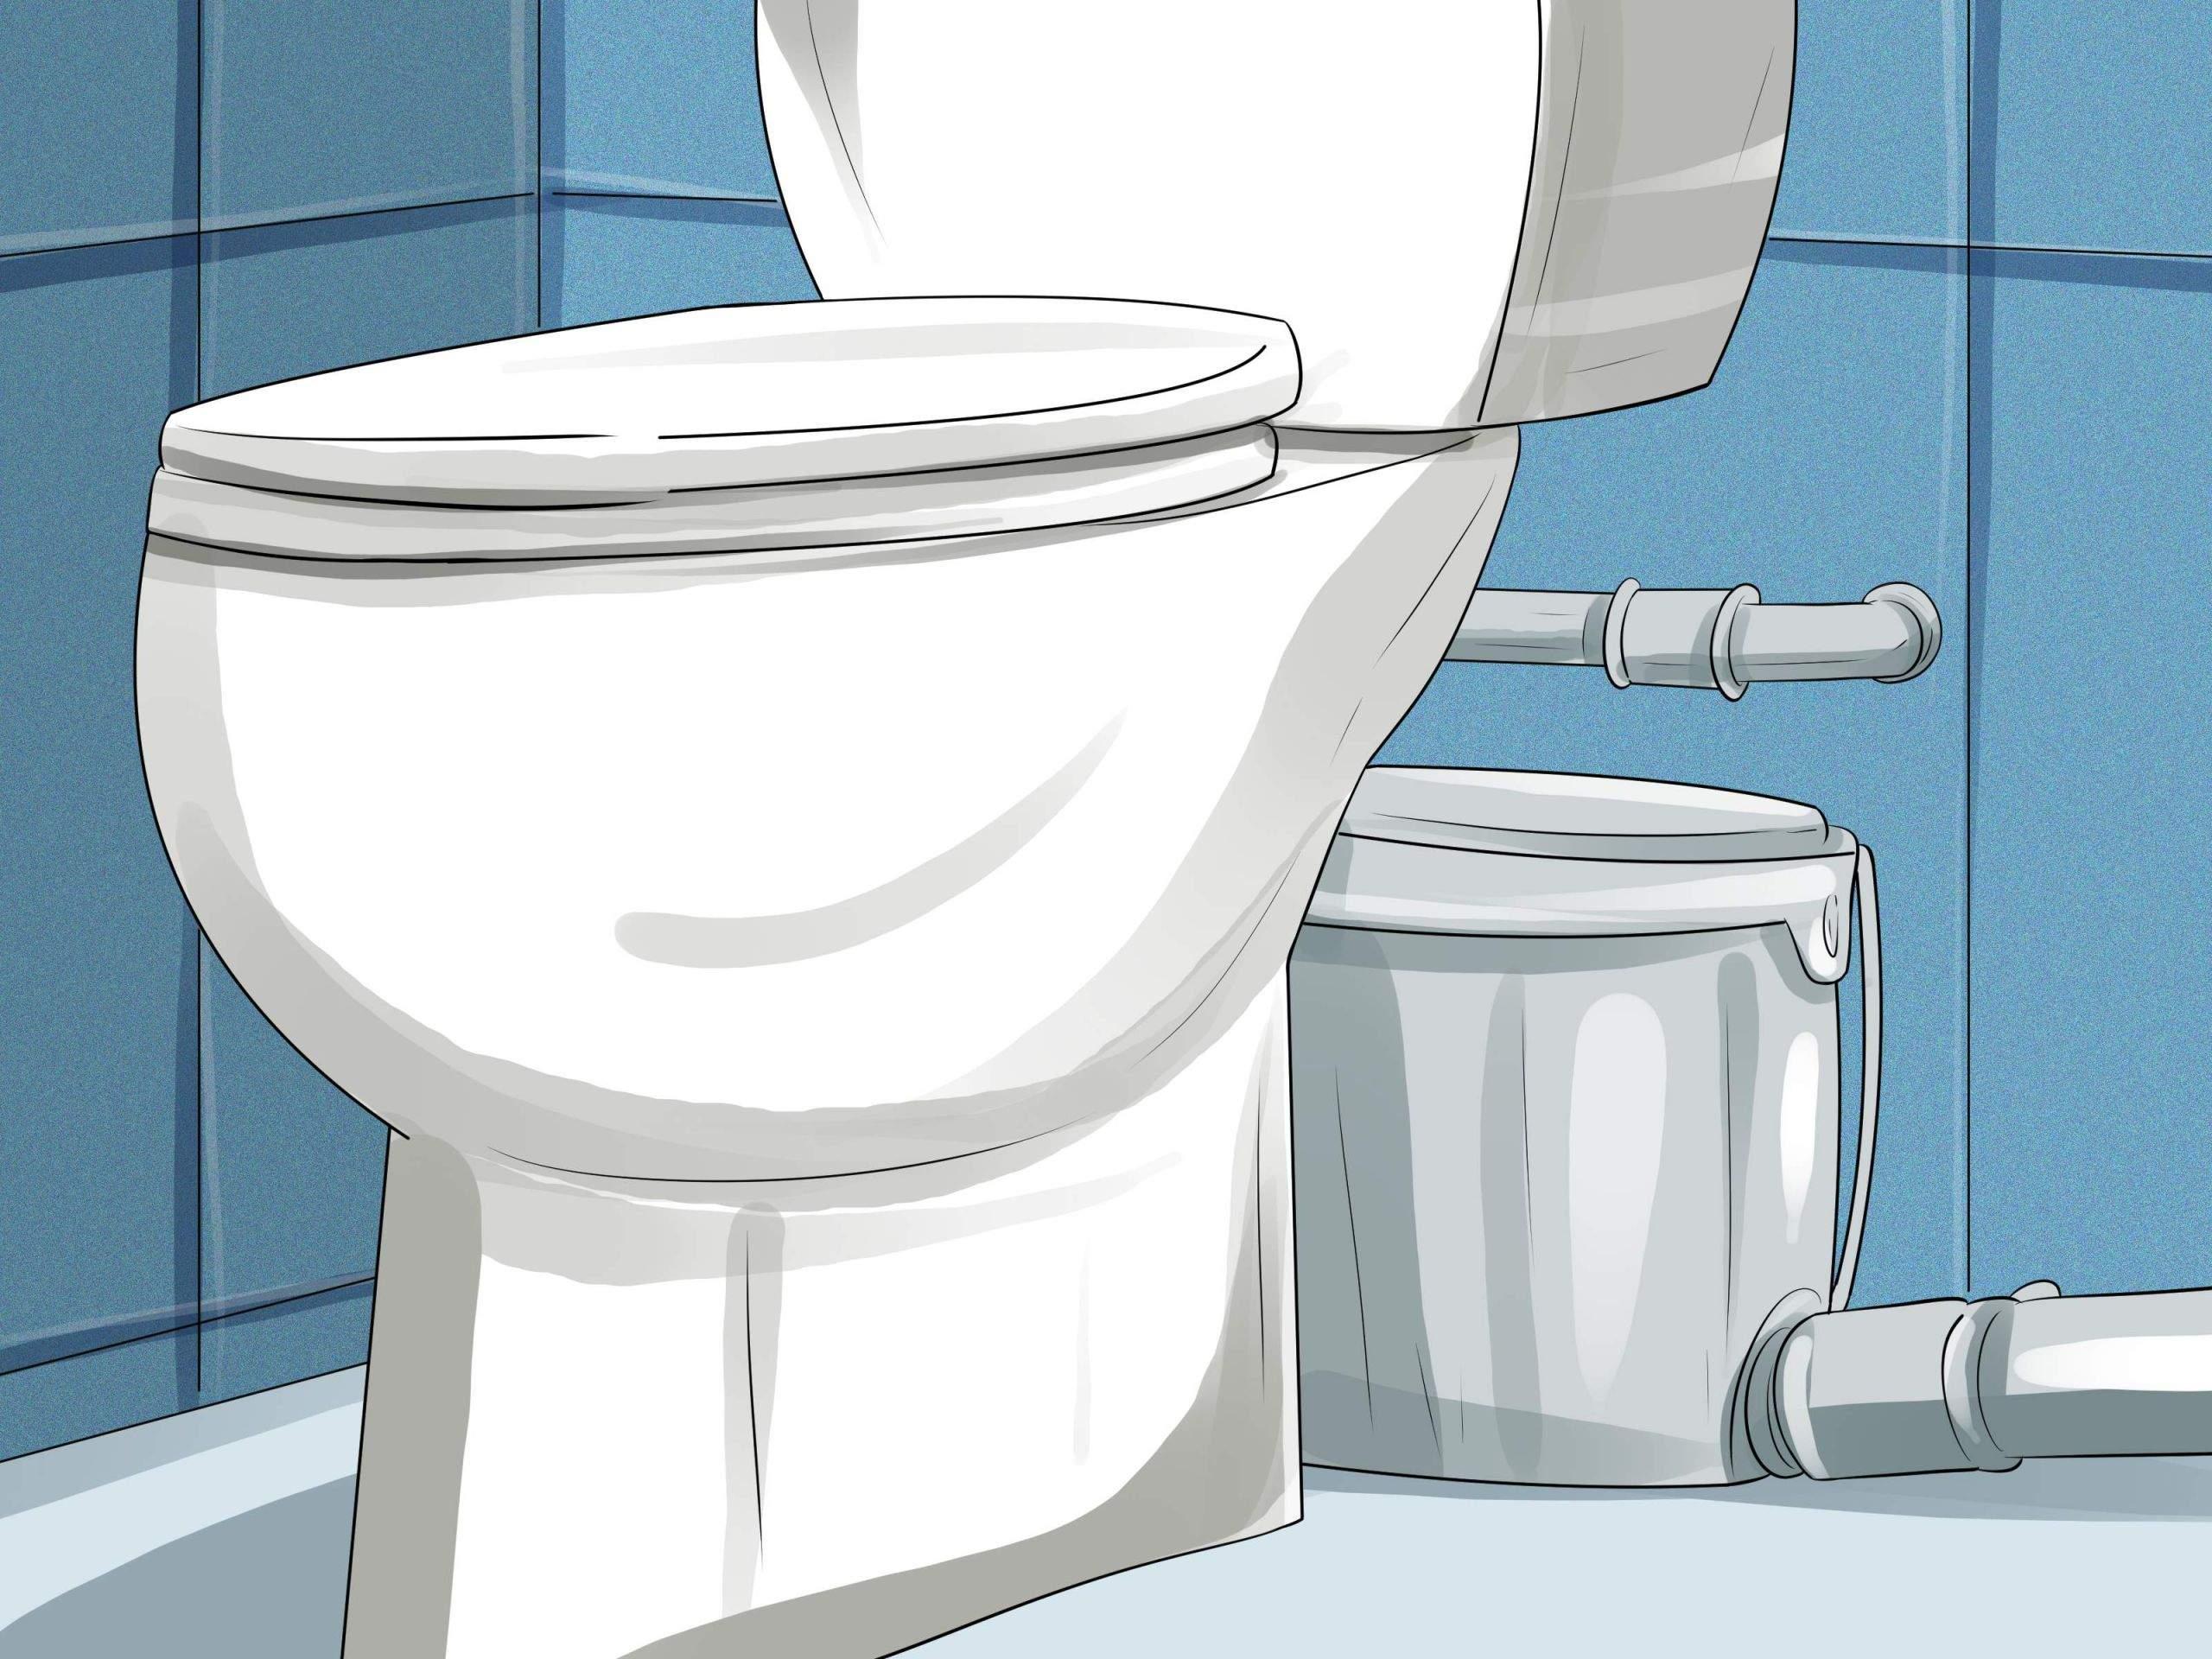 garten wc selber bauen luxus rohrleitungen entluften wikihow of garten wc selber bauen scaled